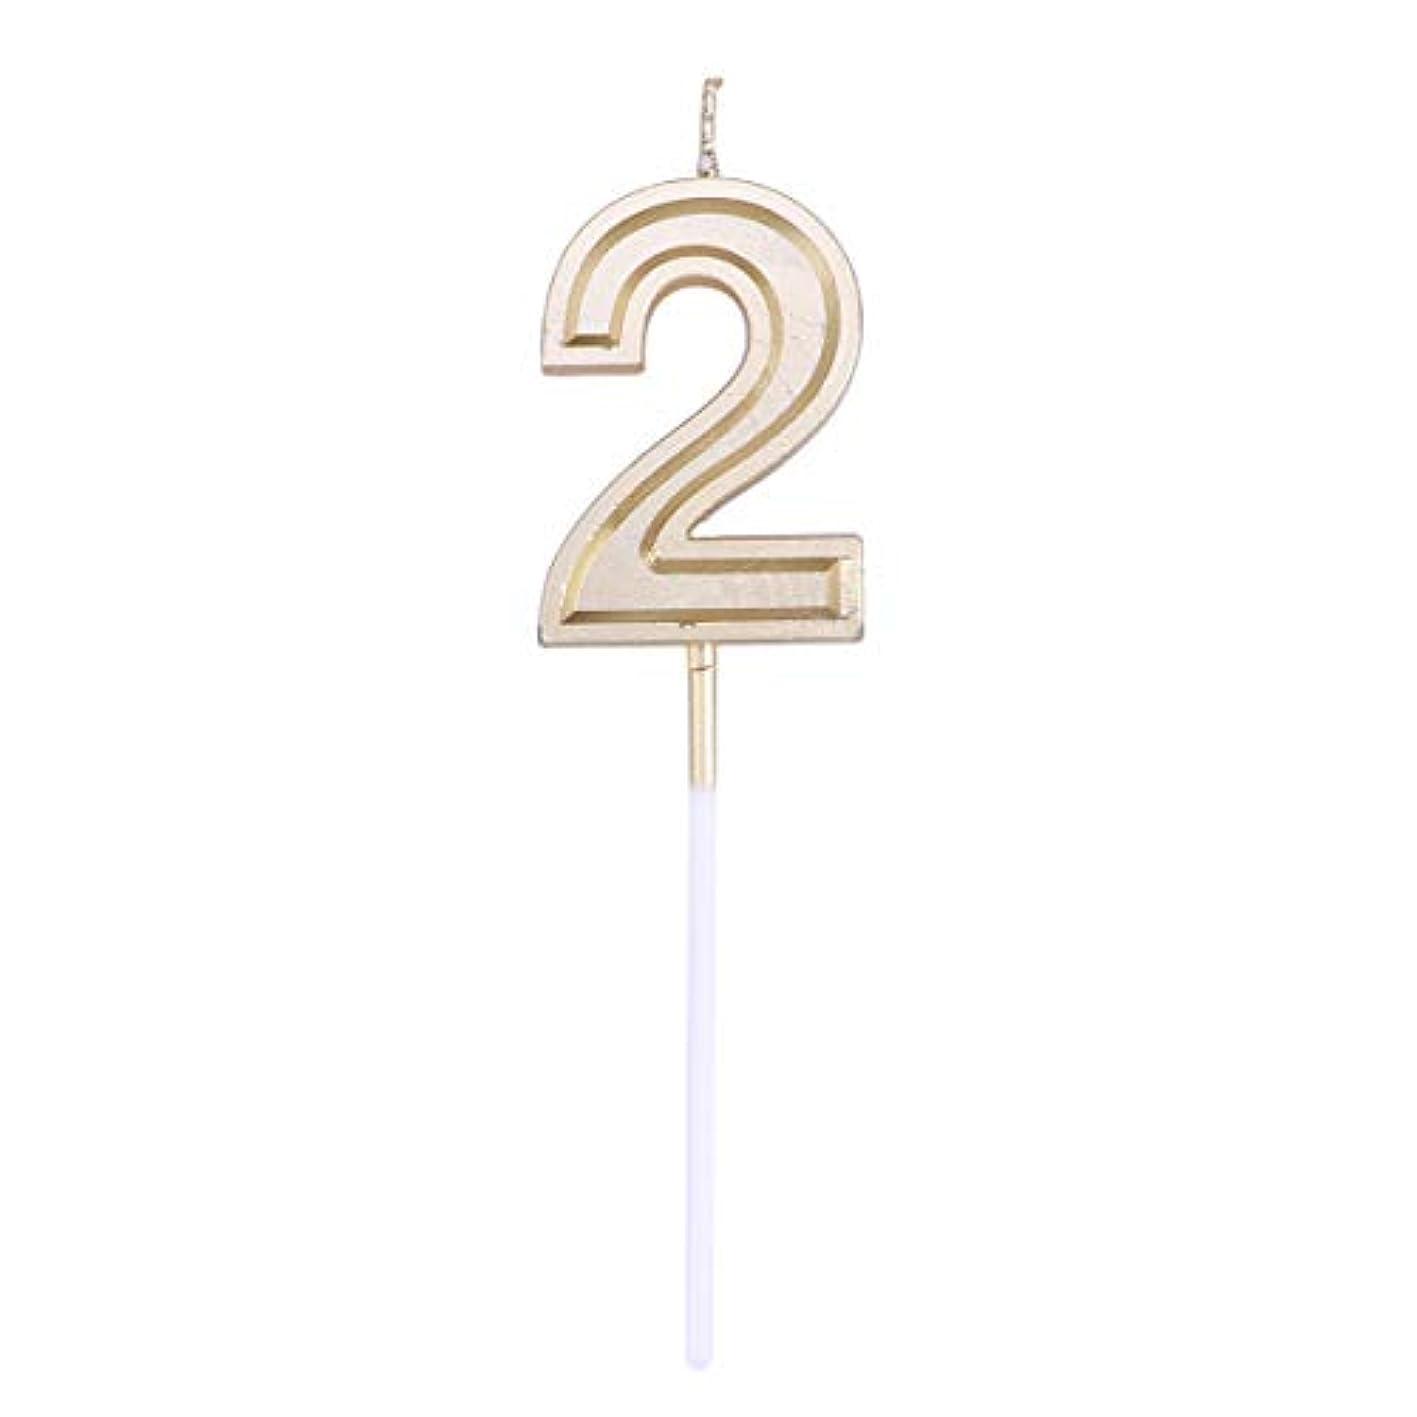 ブランド委員長三角形Toyvian ゴールドラメ誕生日おめでとう数字キャンドル番号キャンドルケーキトッパー装飾用大人キッズパーティー(ナンバー2)